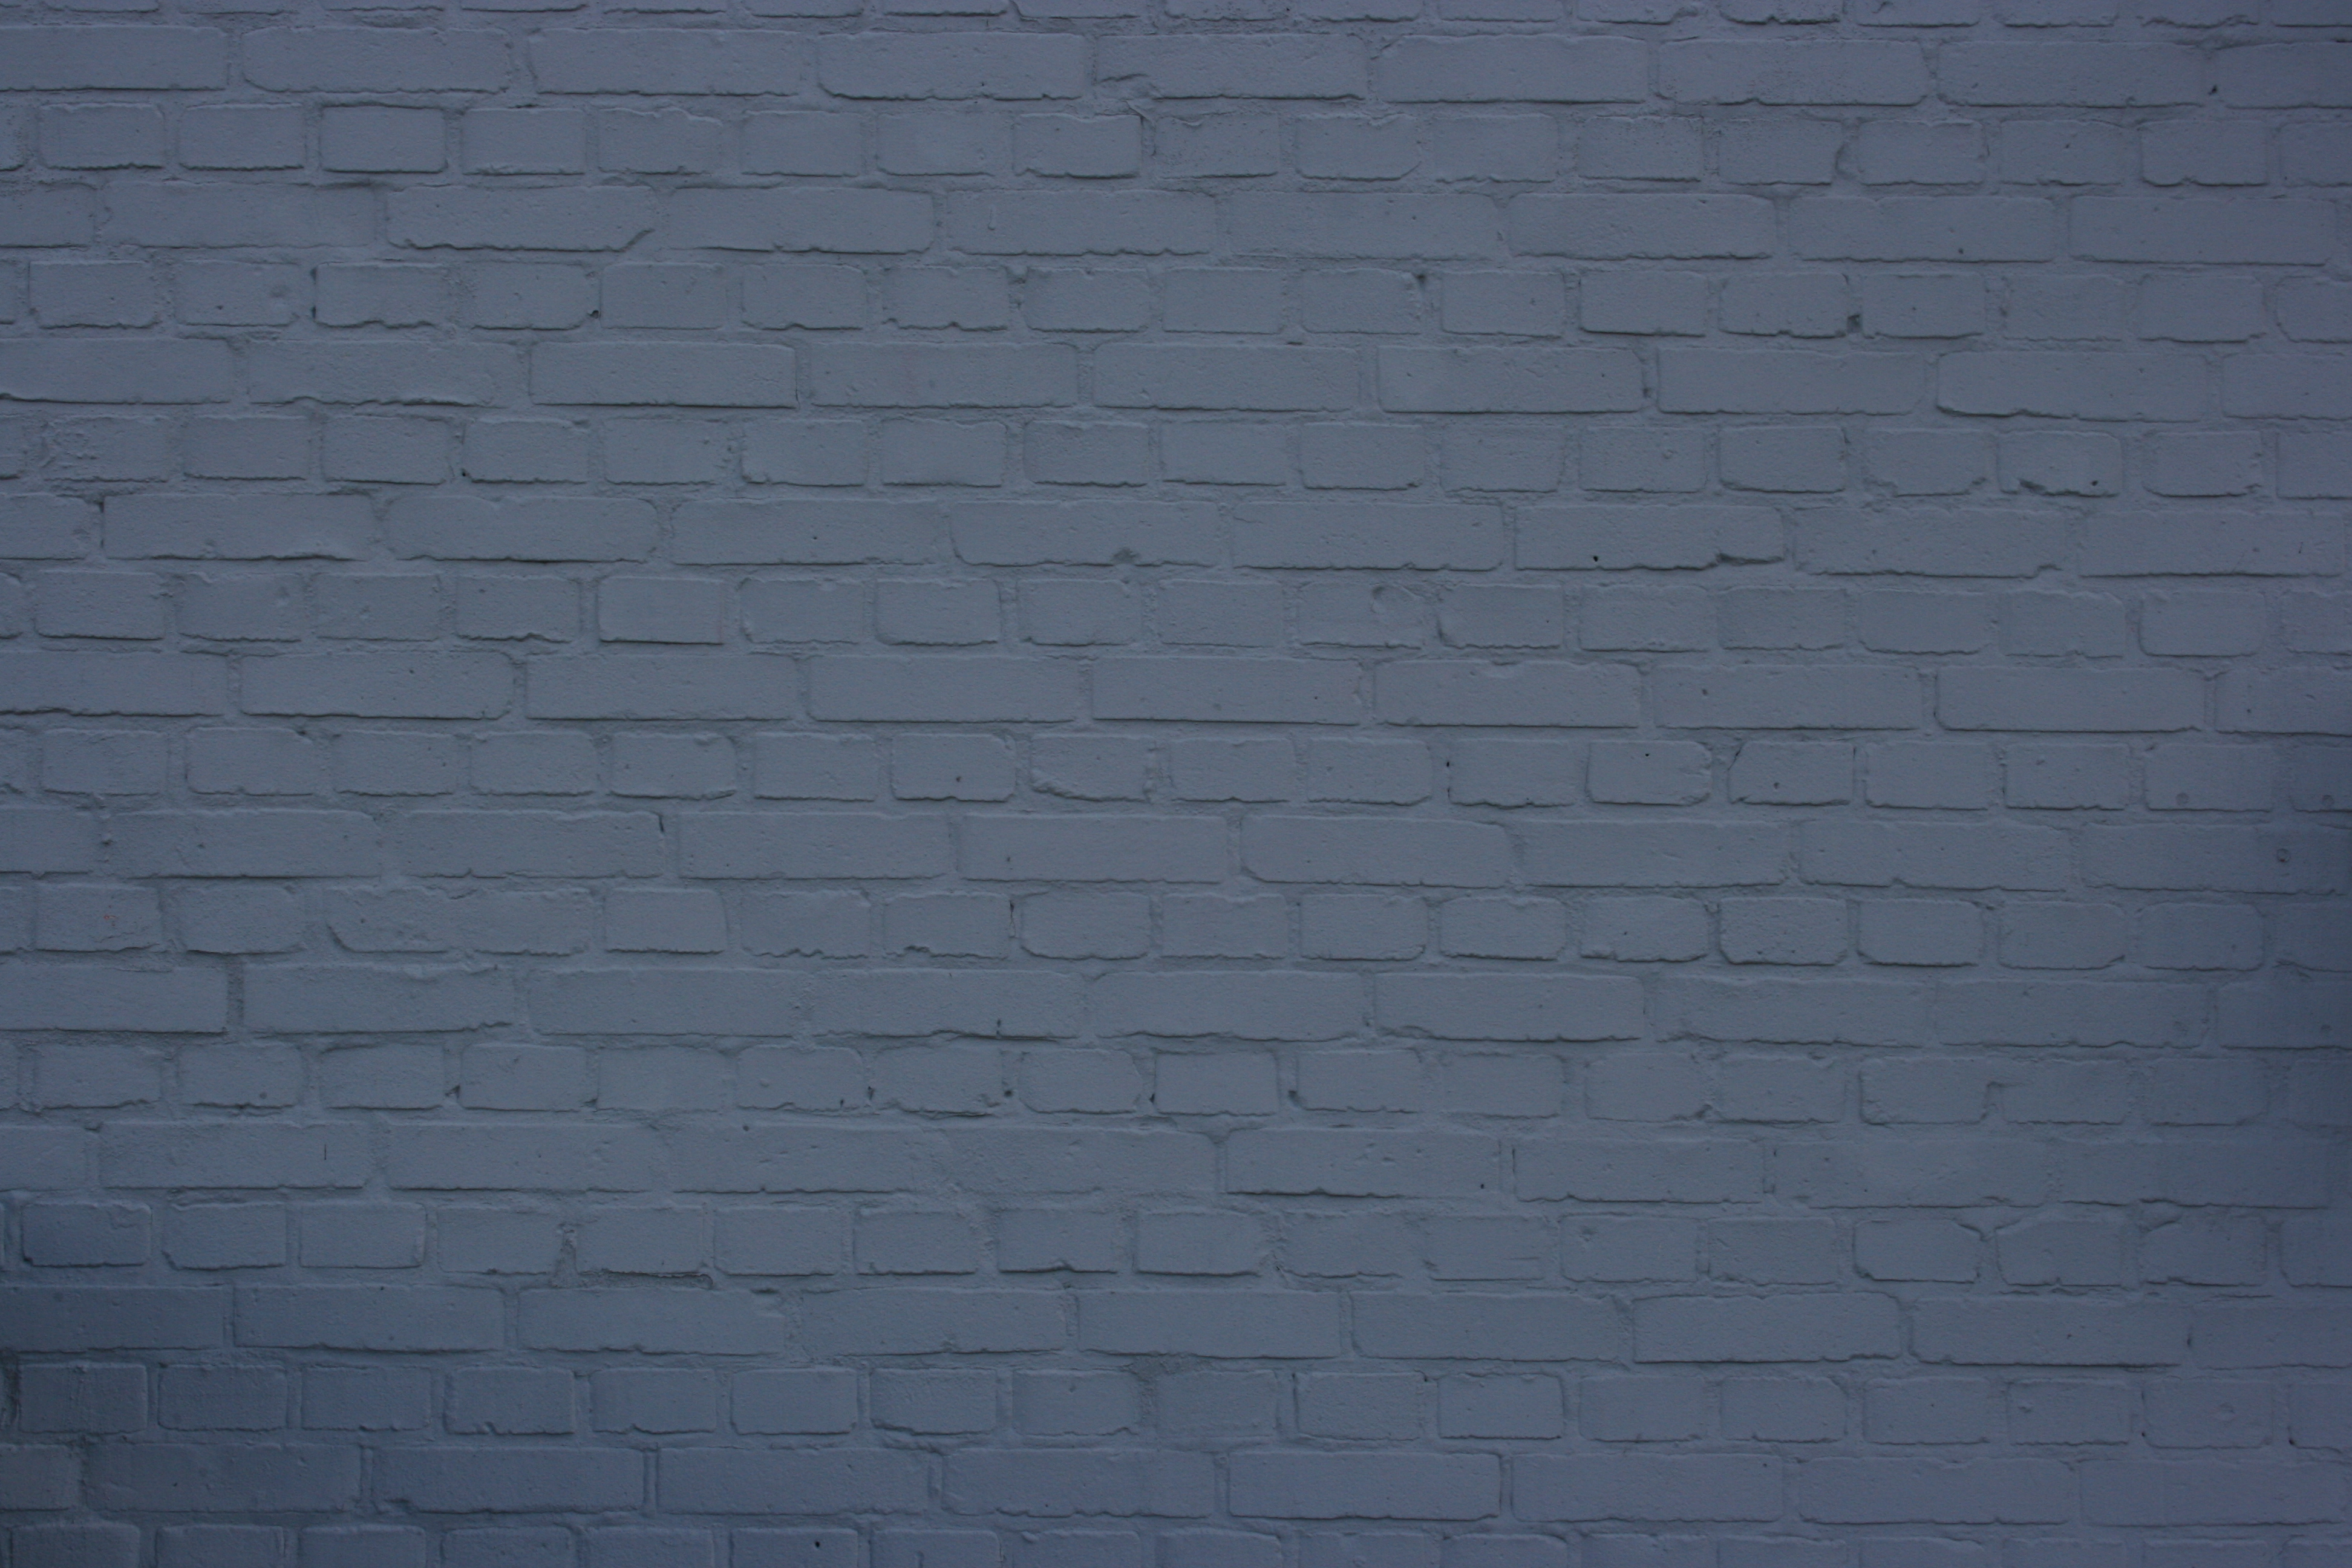 Hvid mur med maling